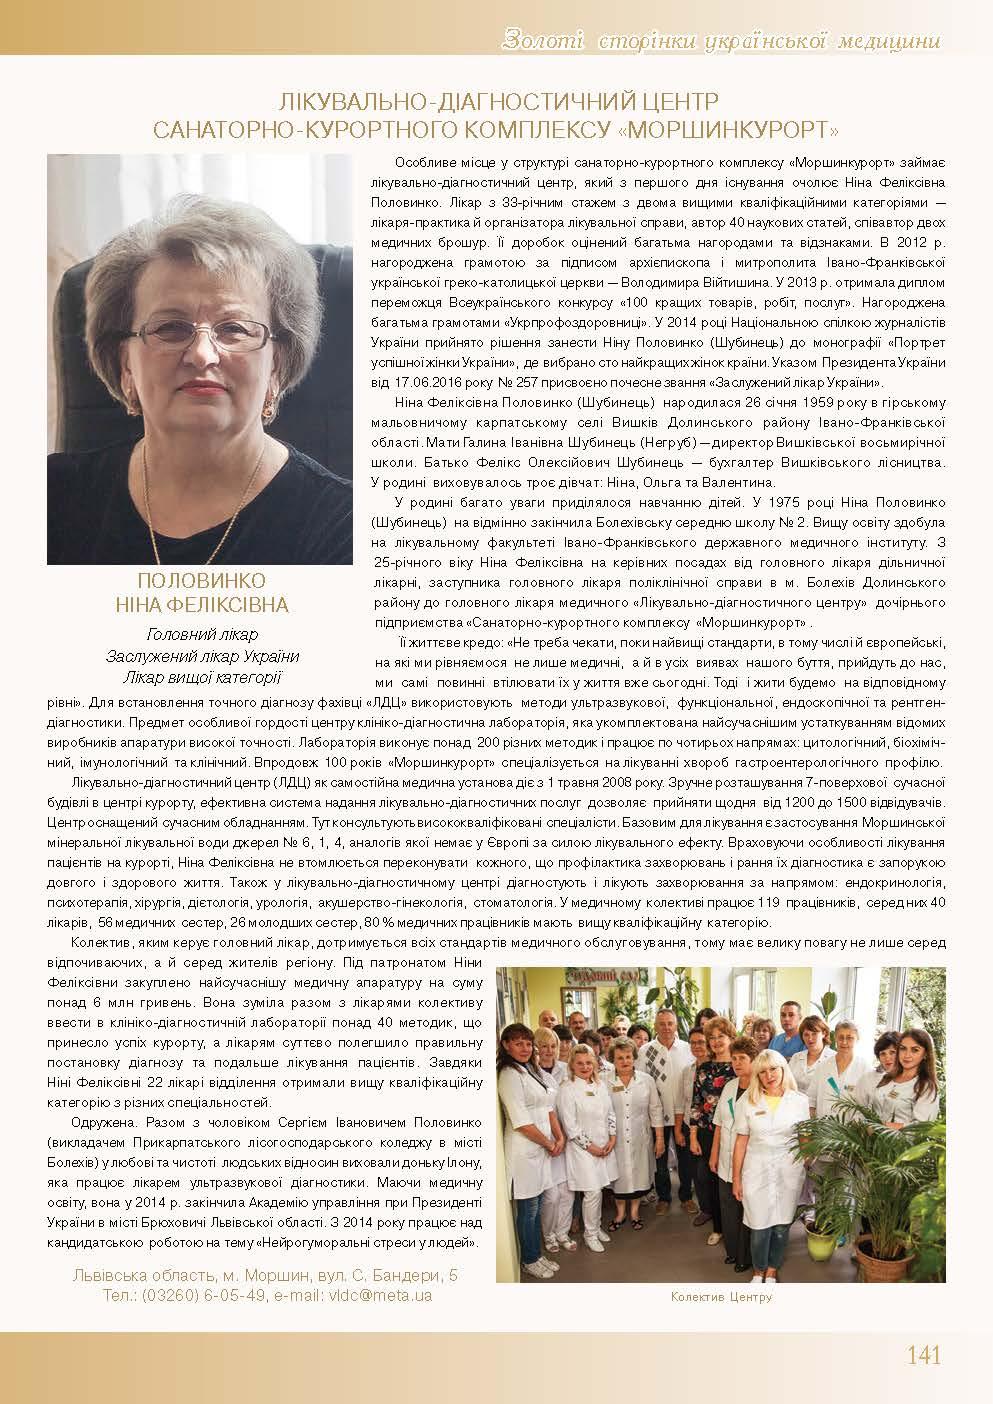 Лікувально-діагностичний центр санаторно-курортного комплексу «Моршинкурорт»